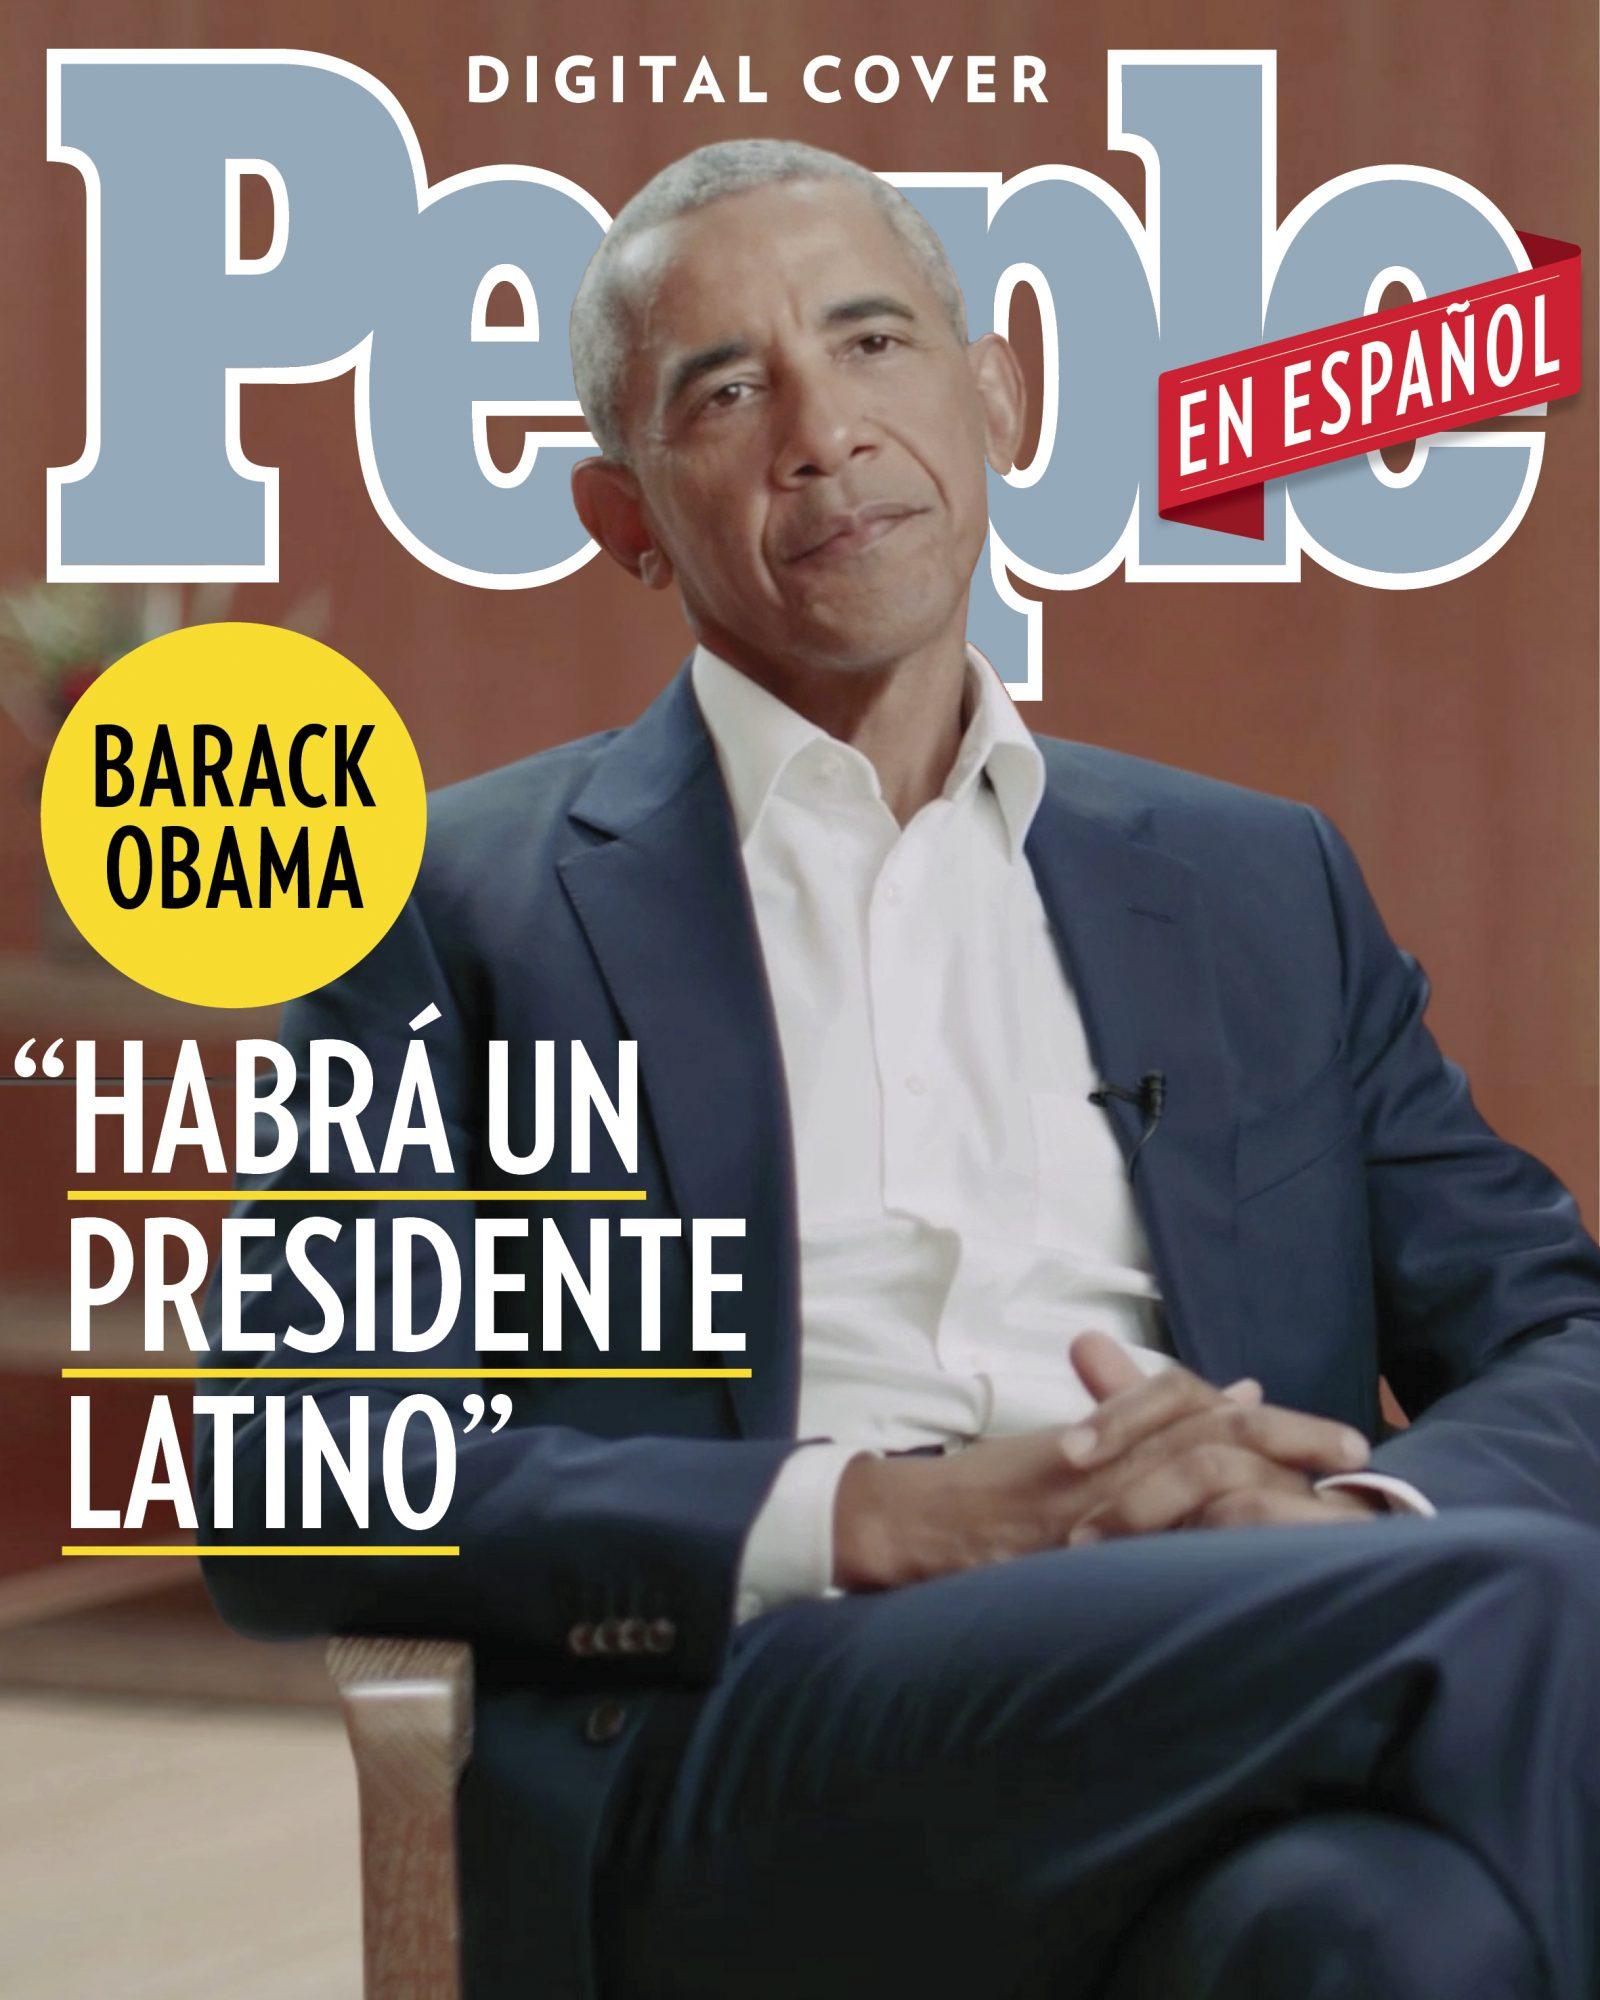 Barack Obama DIGITAL COVER